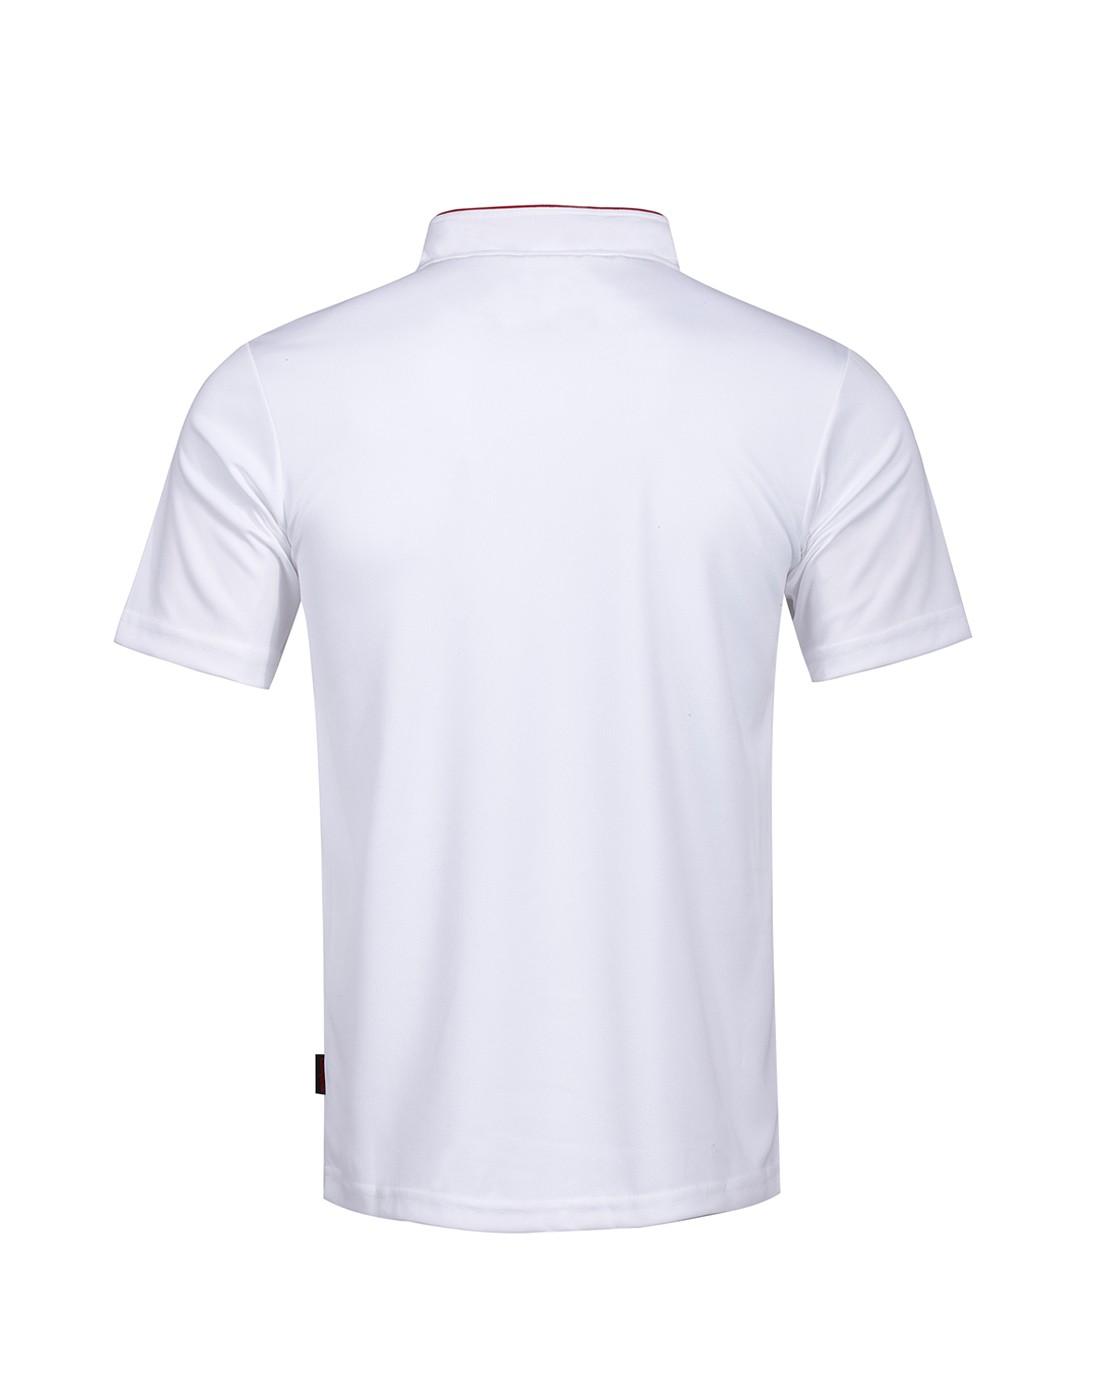 白浅灰色立领休闲短袖polo衫